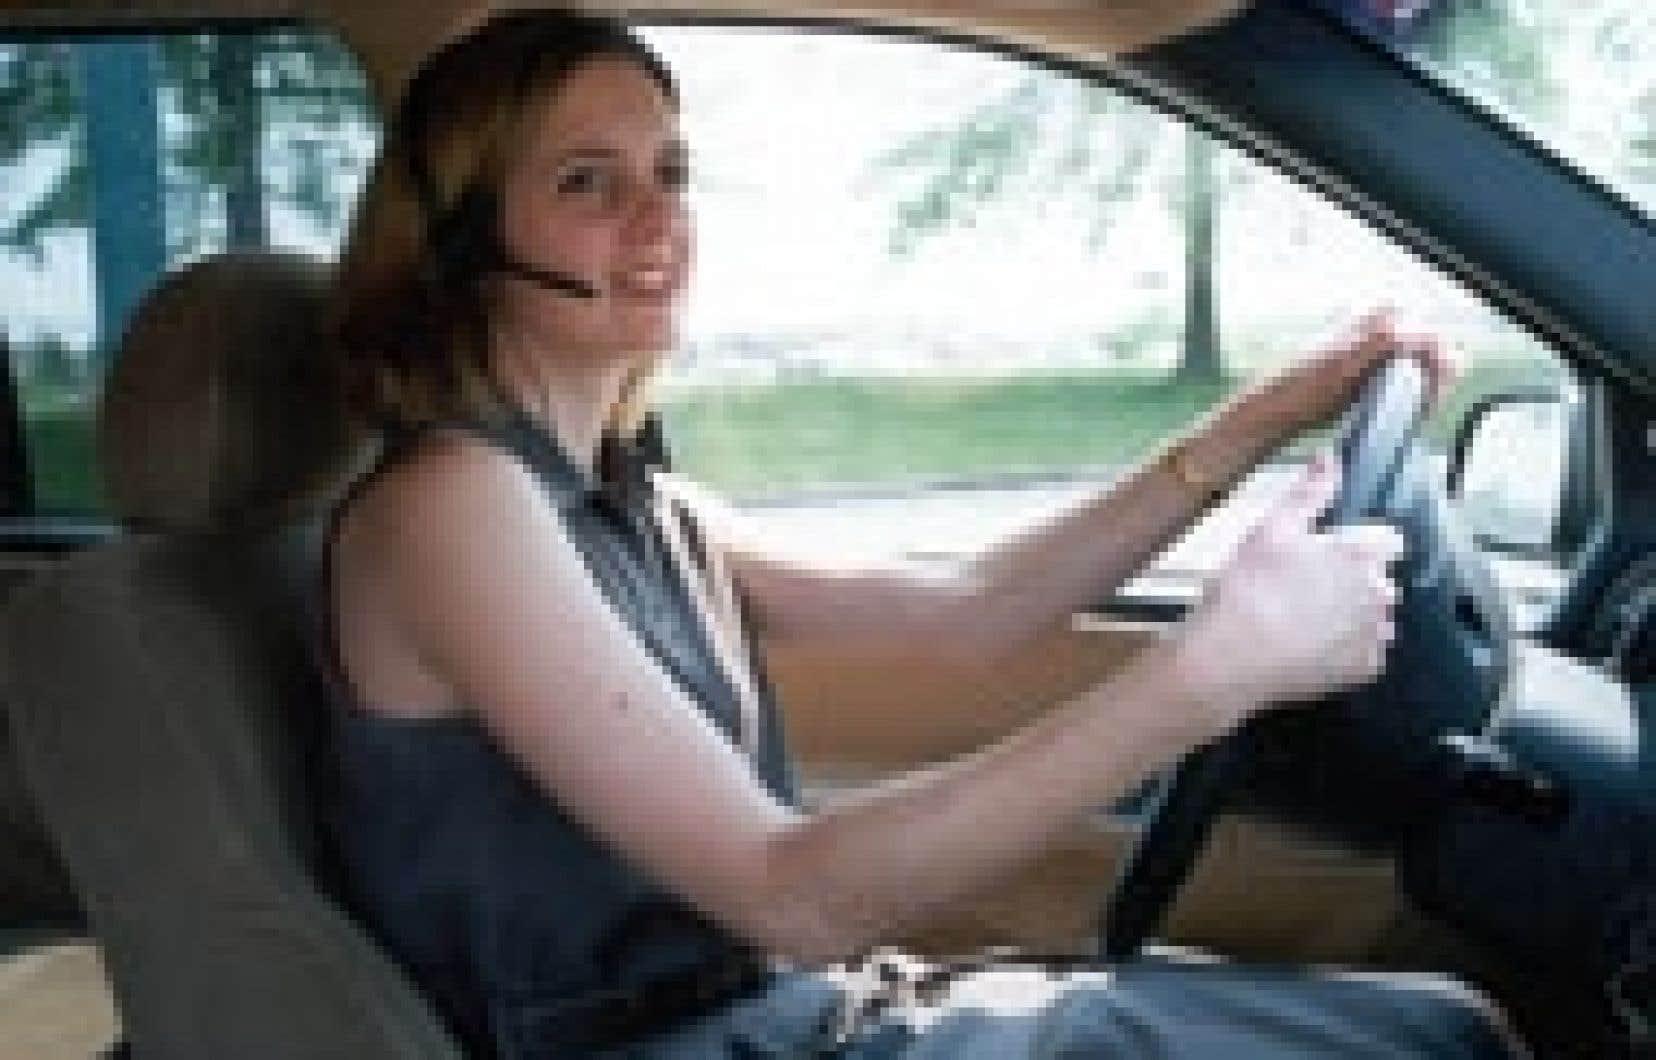 L'utilisation du téléphone cellulaire au volant est une grande source de distraction, même s'il s'agit d'un appareil à mains libres.